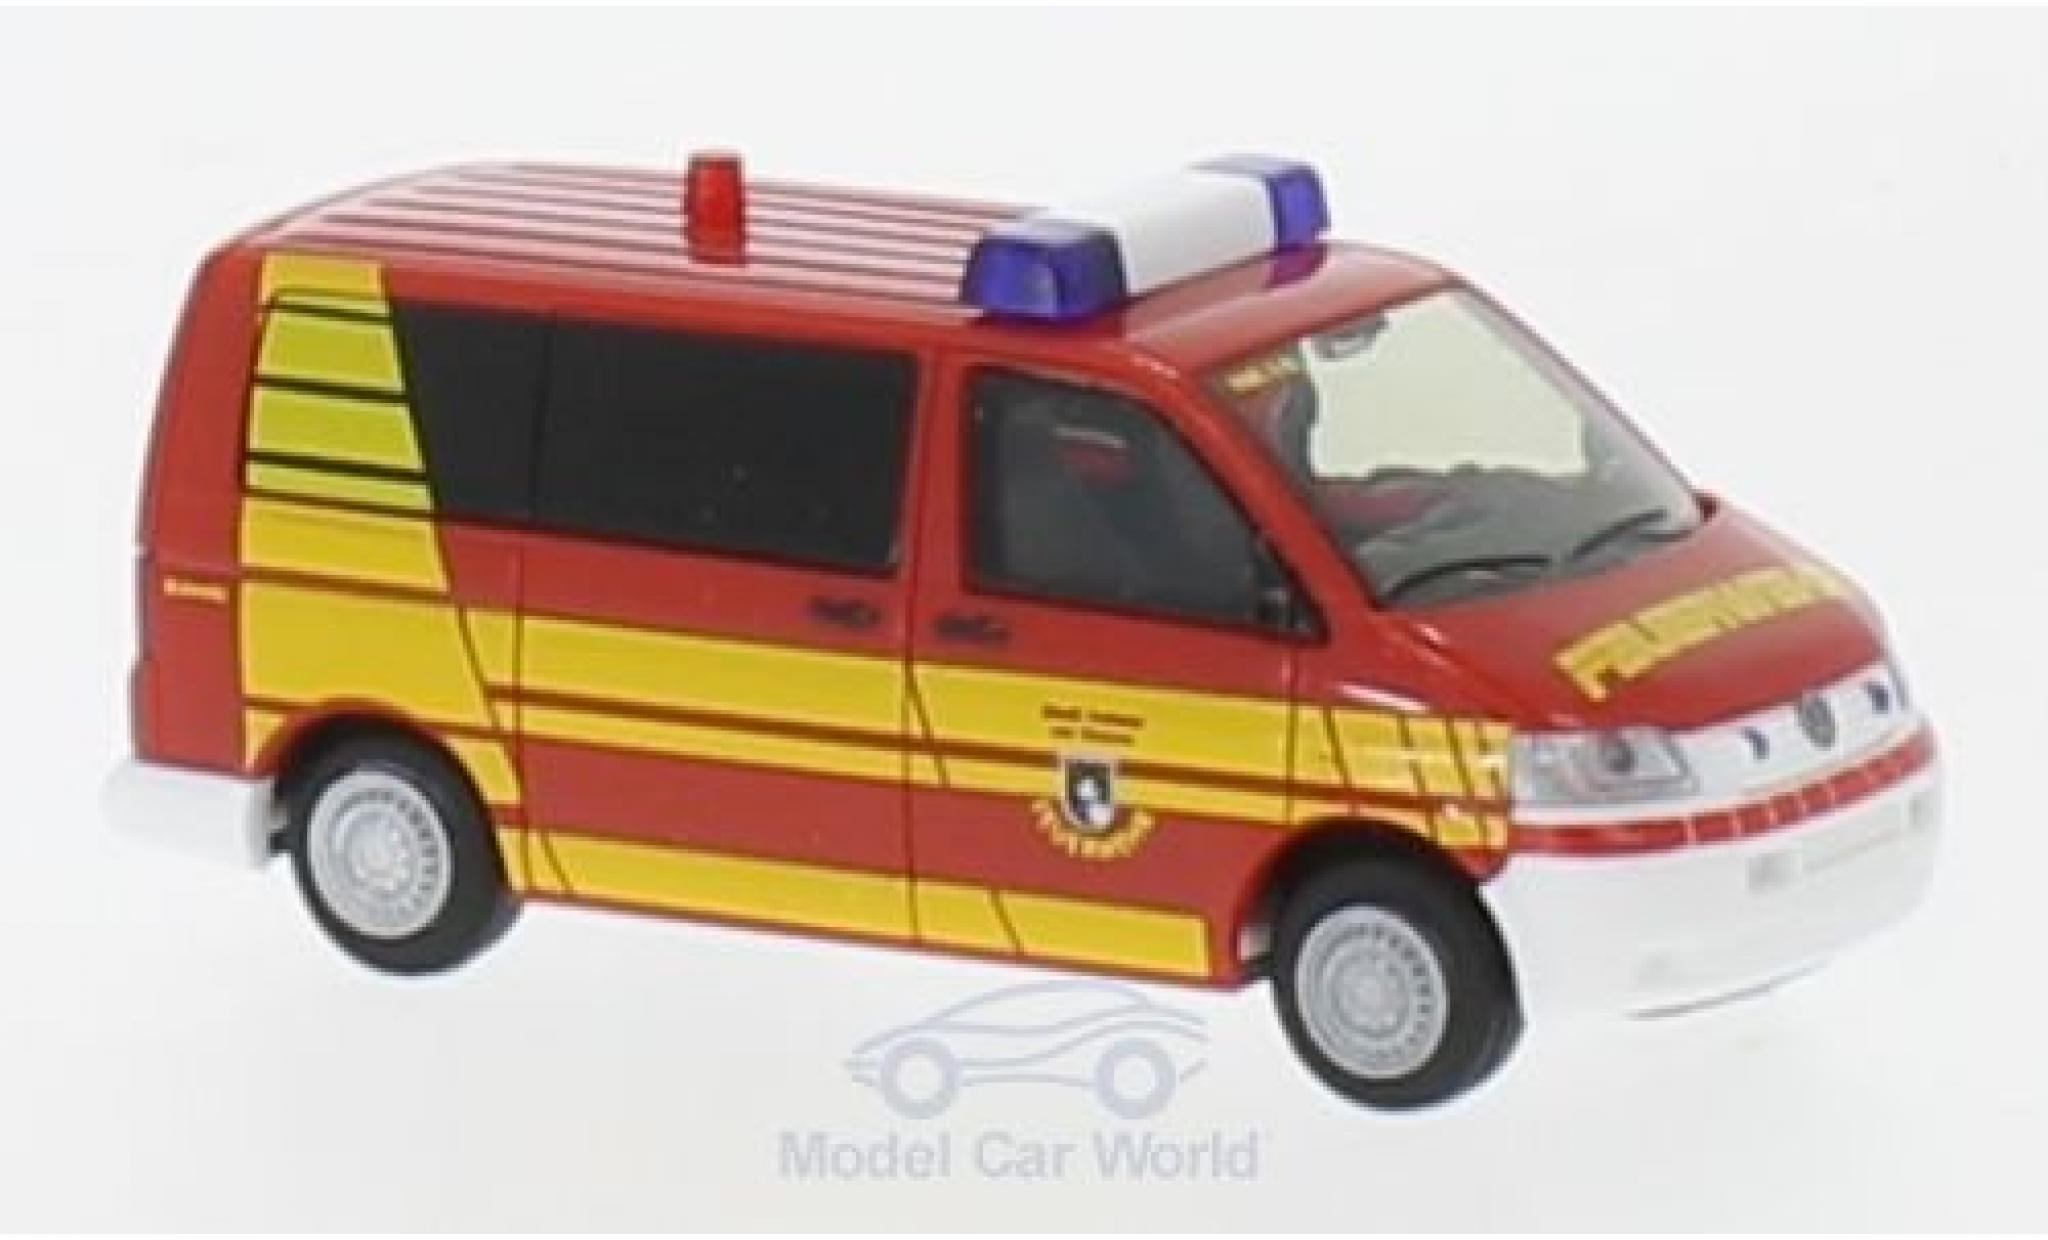 Volkswagen T5 1/87 Rietze Bus Feuerwehr Hofheim im Taunus 2003